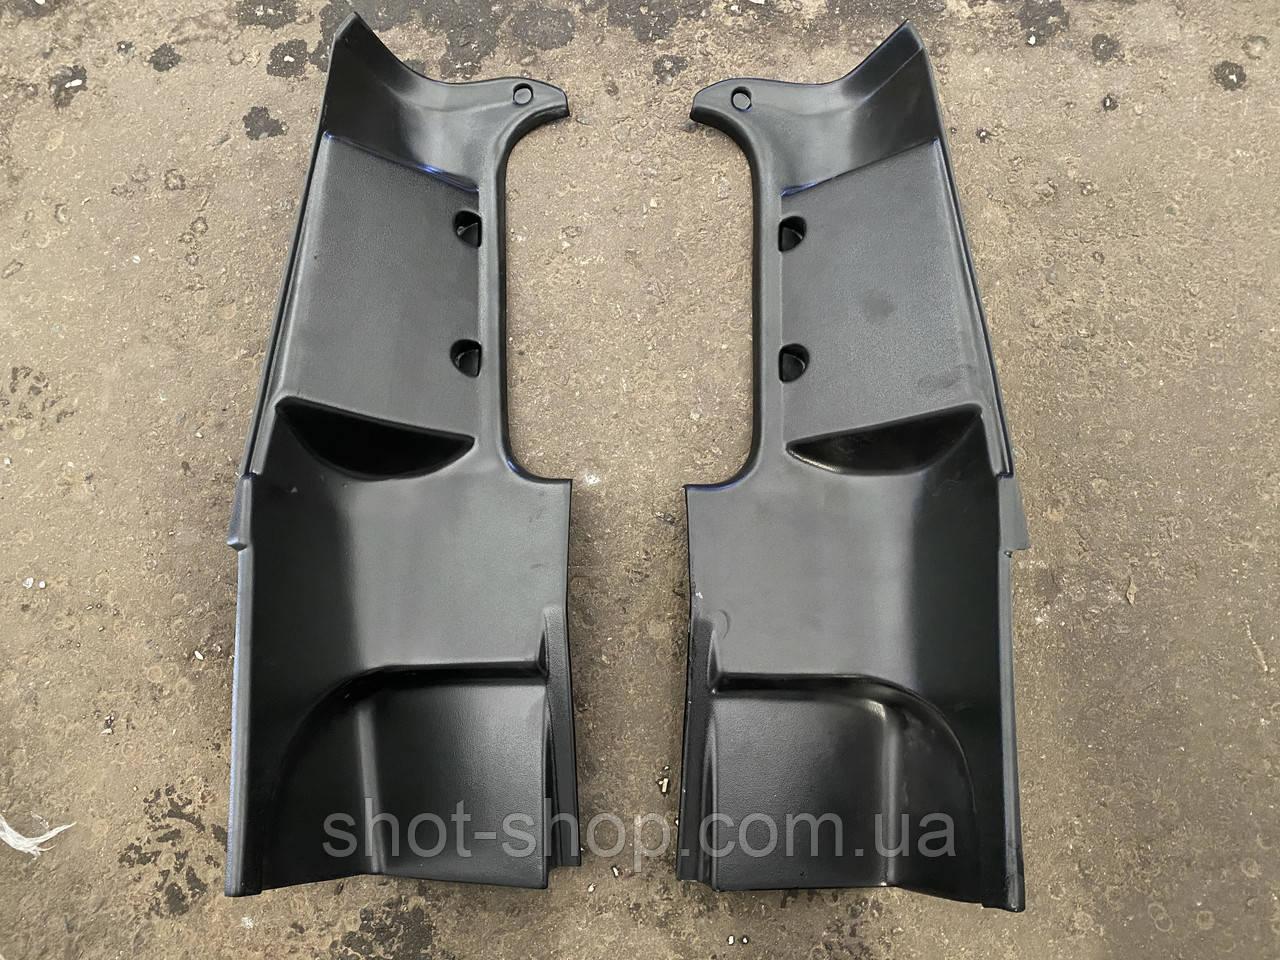 Стойки задние под колонки (к-кт 2шт) УАЗ 469.31519